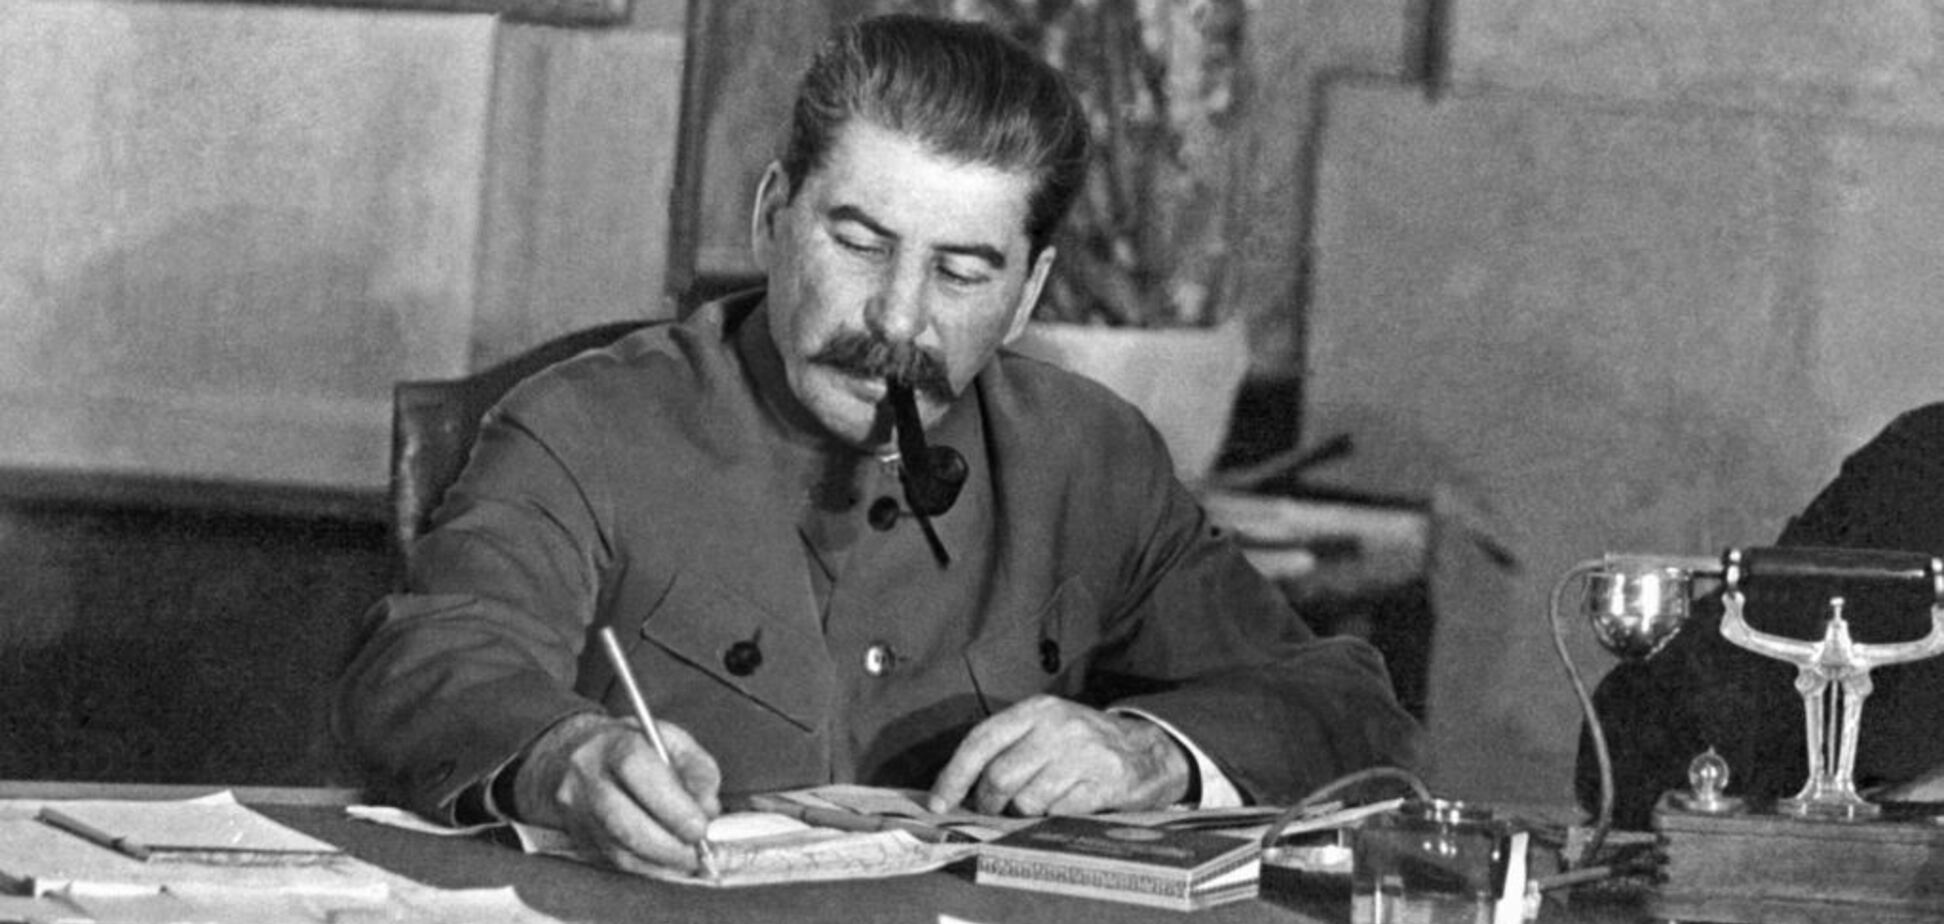 Історик нагадав про жахливі плани Сталіна щодо України